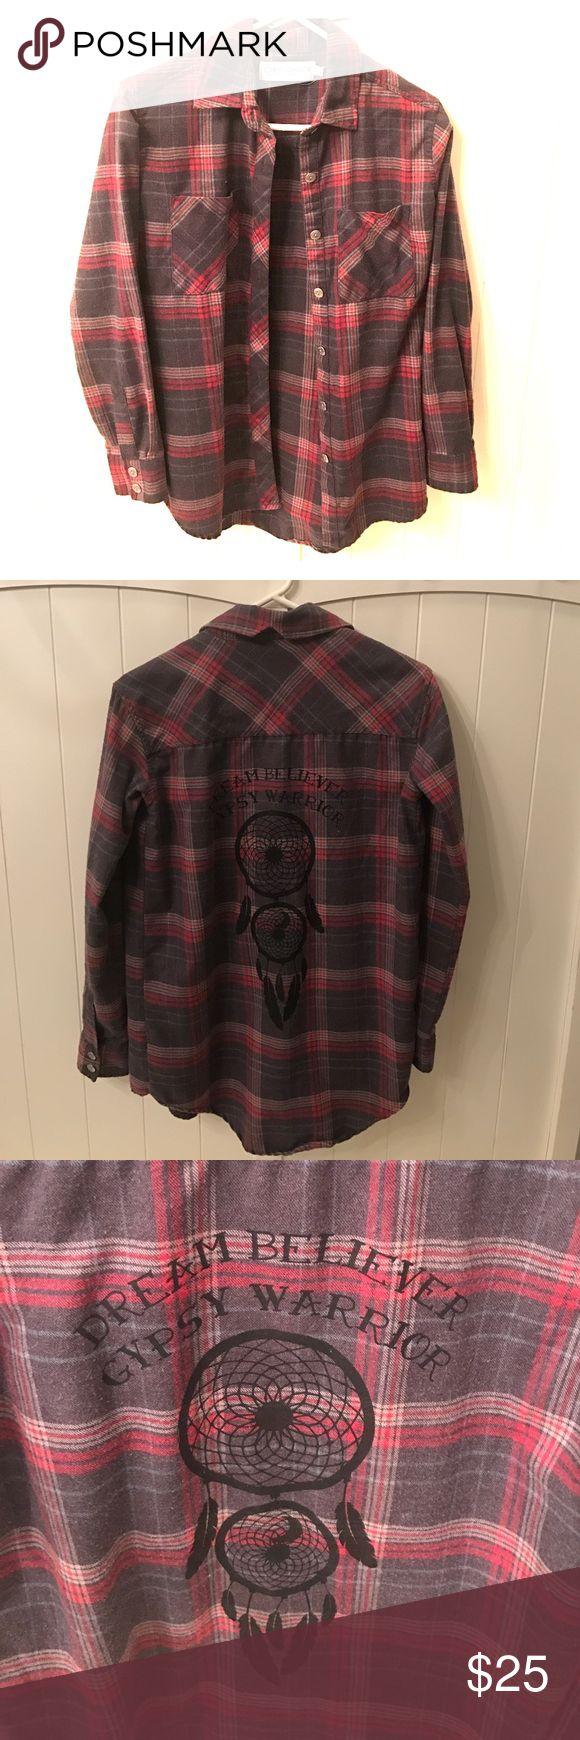 Gypsy Warrior Flannel Super comfy. No wear and tear! gypsy warrior Tops Button Down Shirts